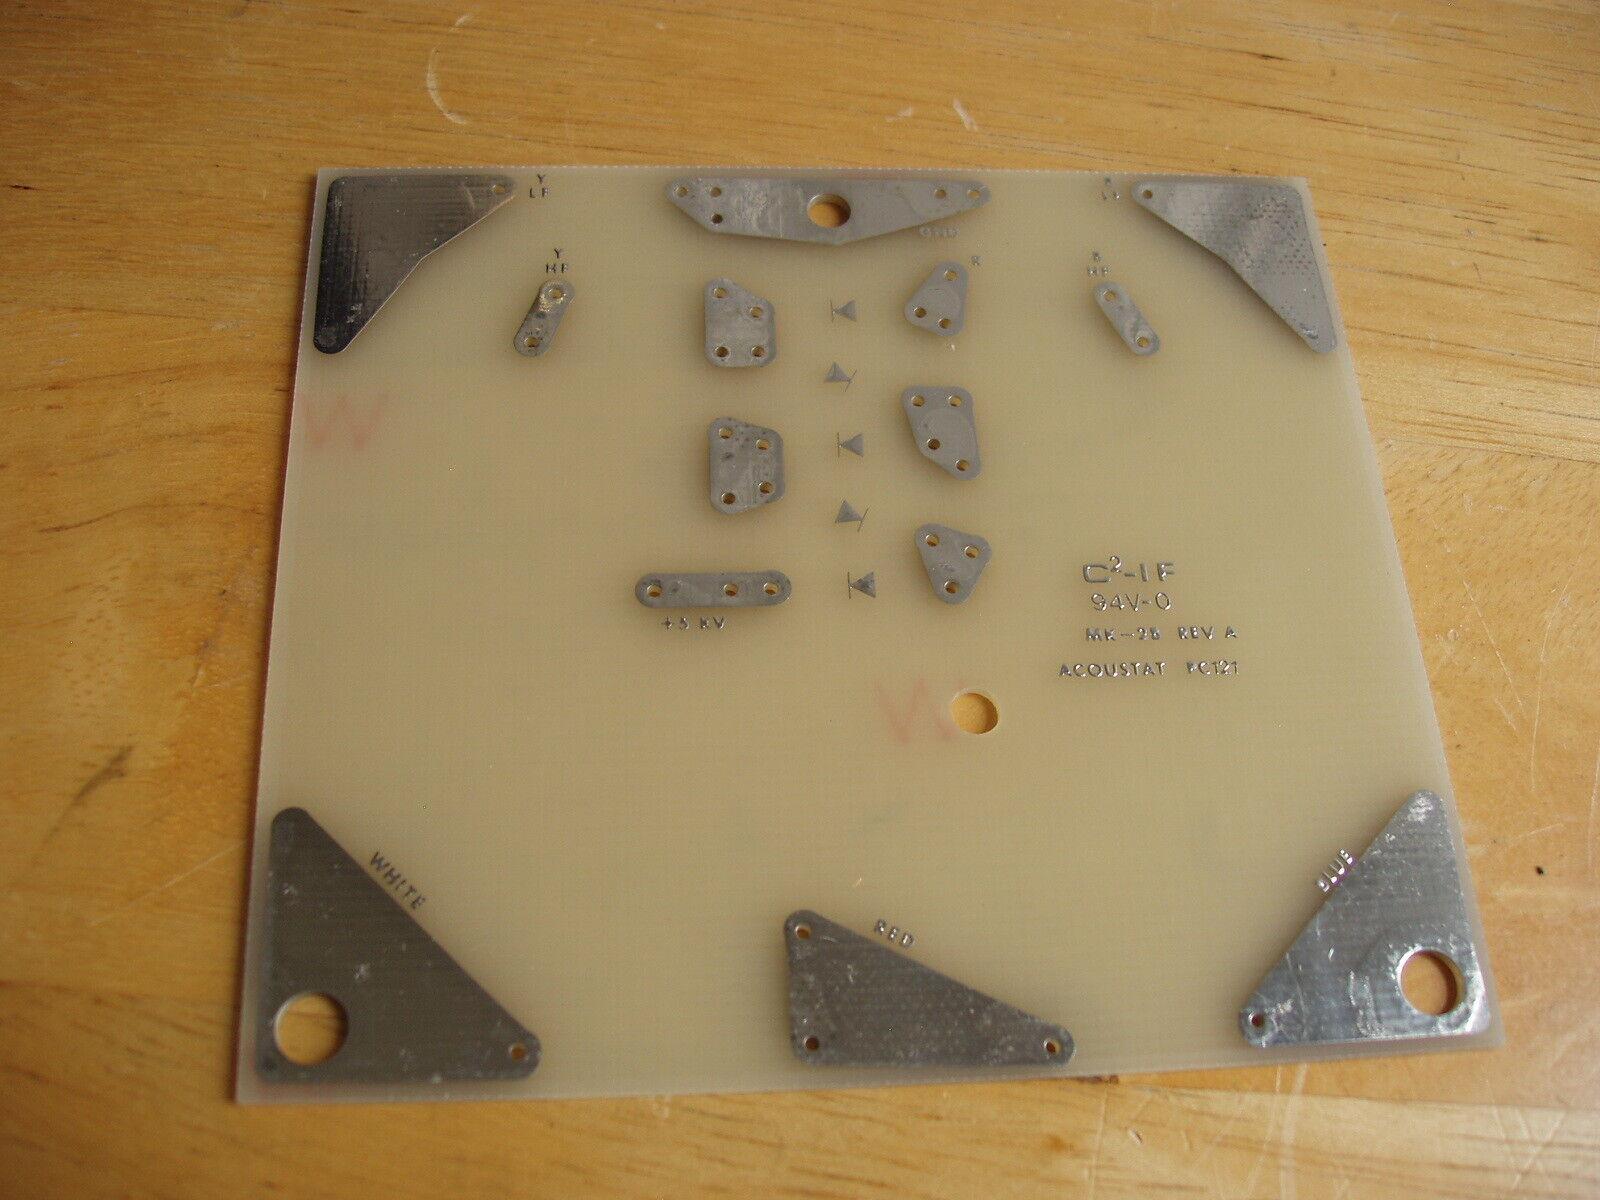 ACOUSTAT PC121 NOS BLANK Circuit Board - MK121 Interface (MK-2B REV. A)